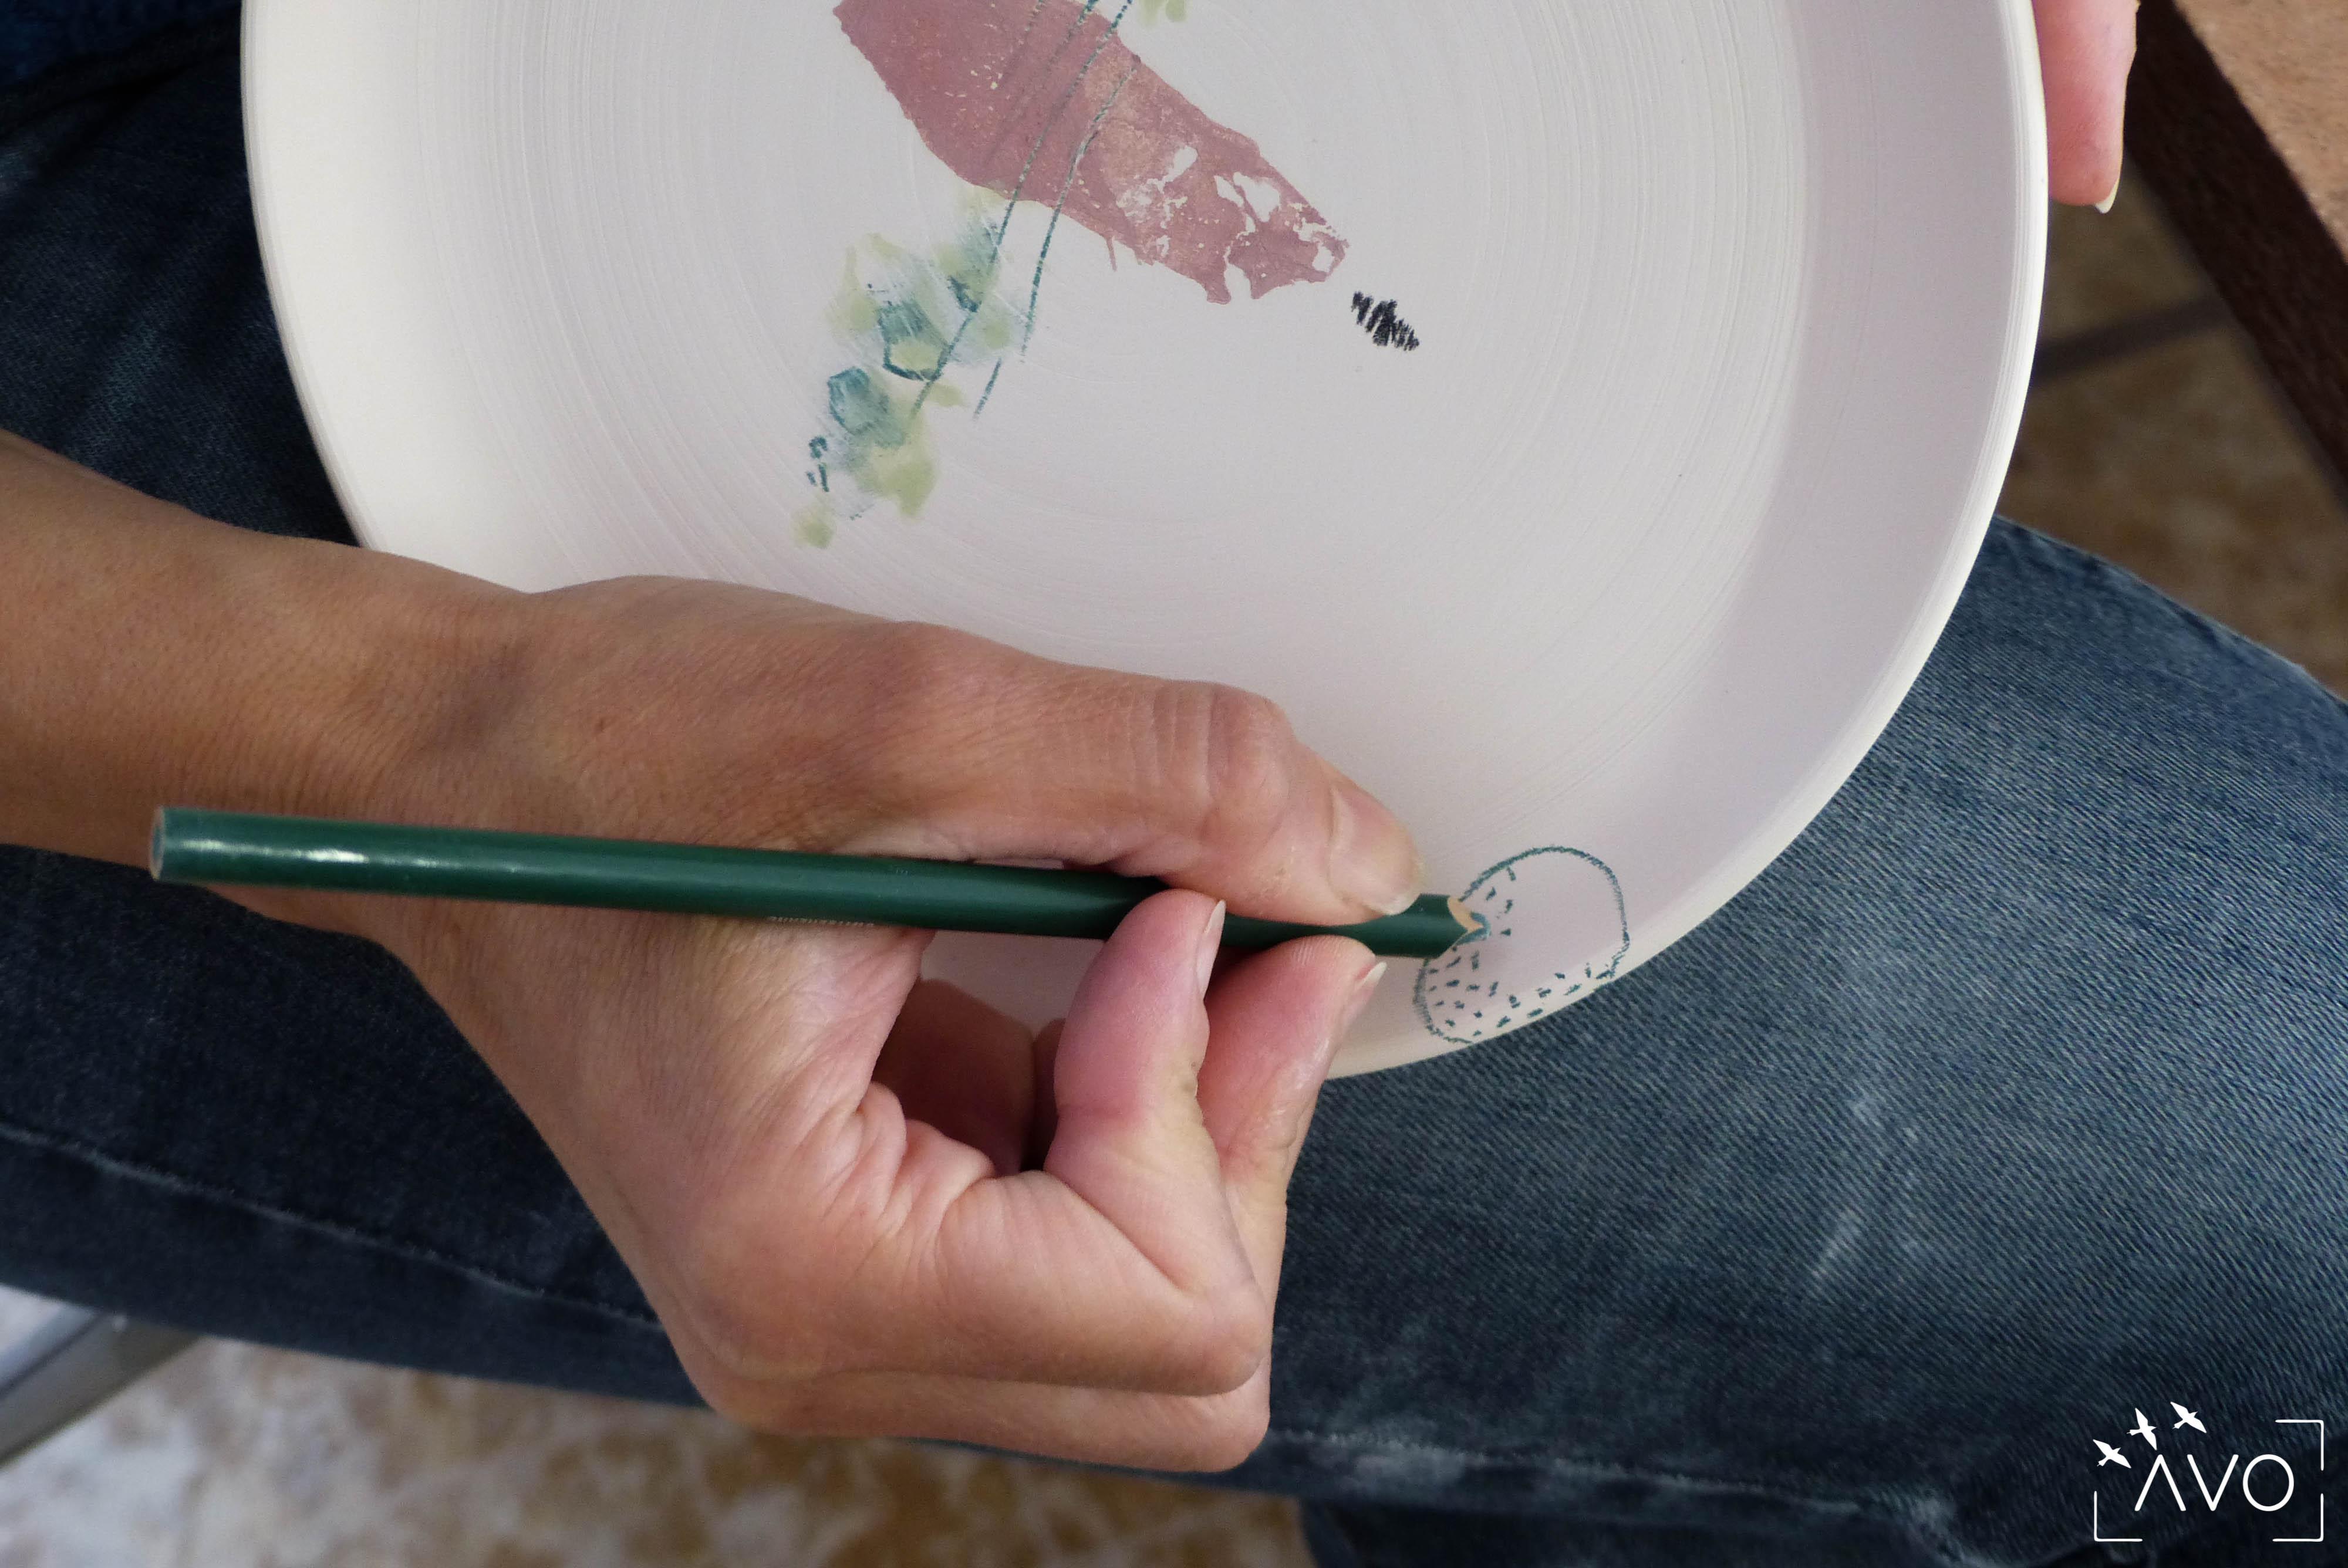 les carrés céramique porcelaine st pierre d'allevard anne louise vidal artisans créatrice céramiste dessins crayons